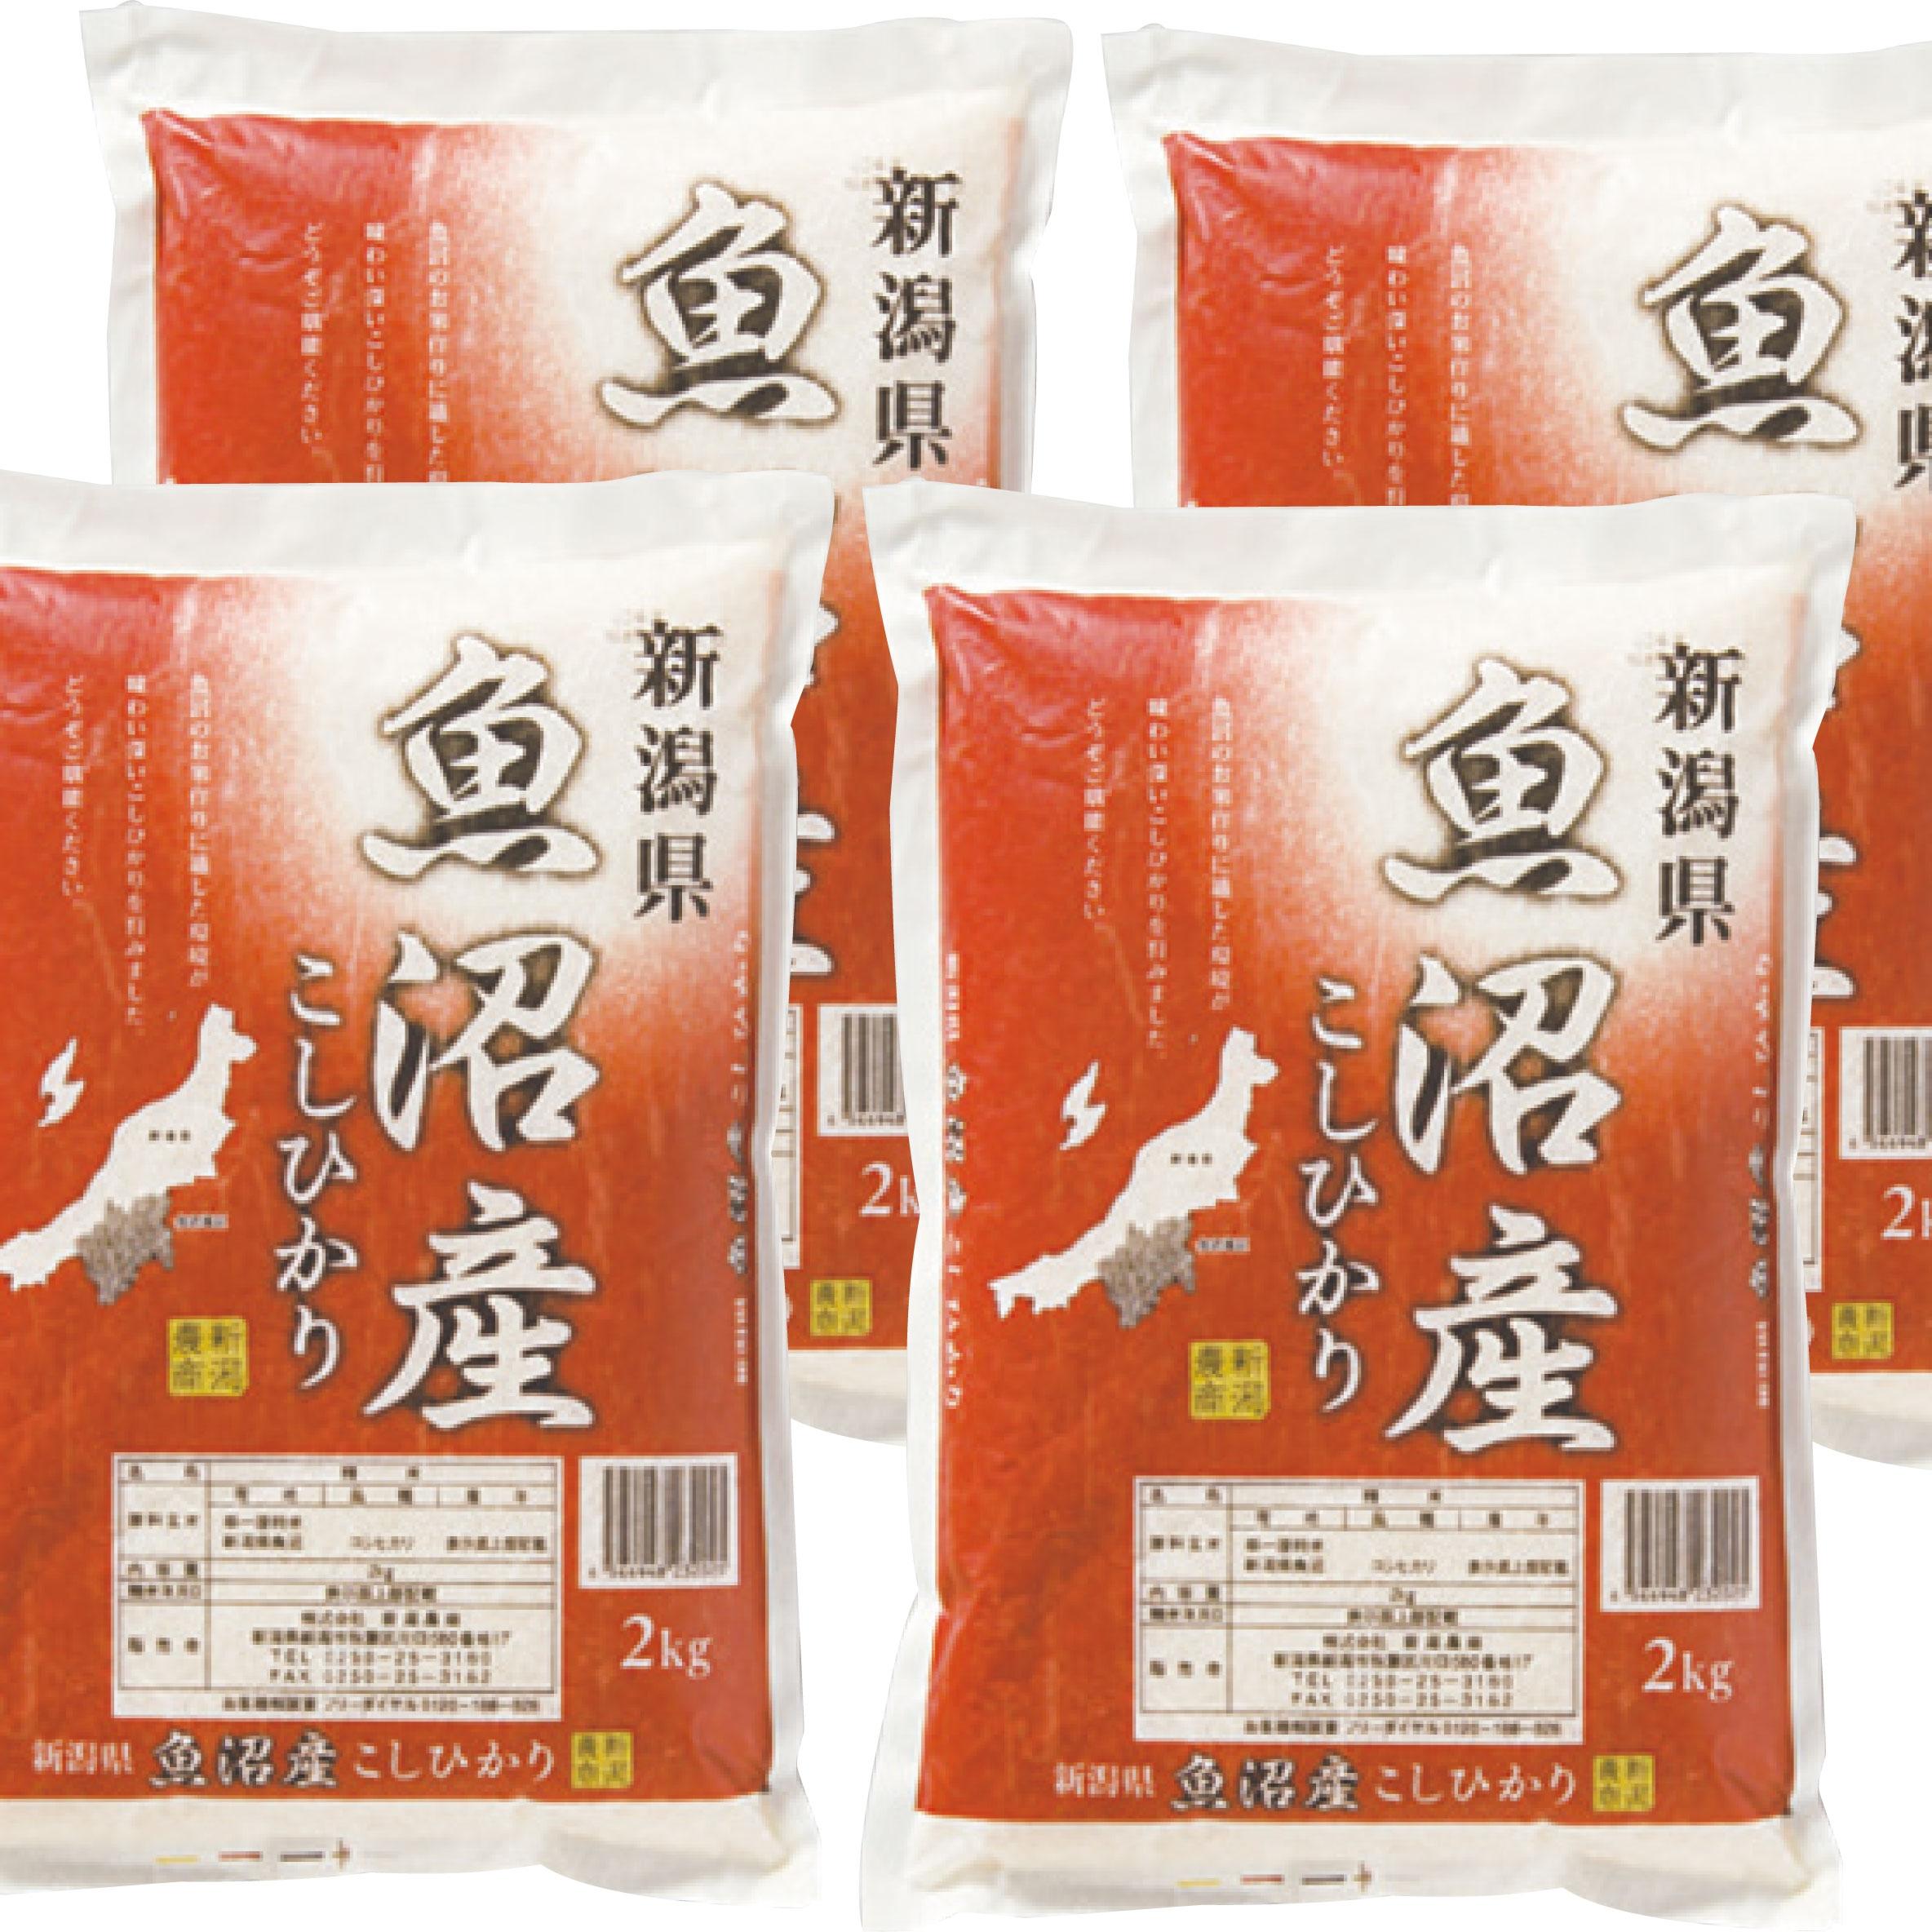 魚沼産コシヒカリ2kgx4